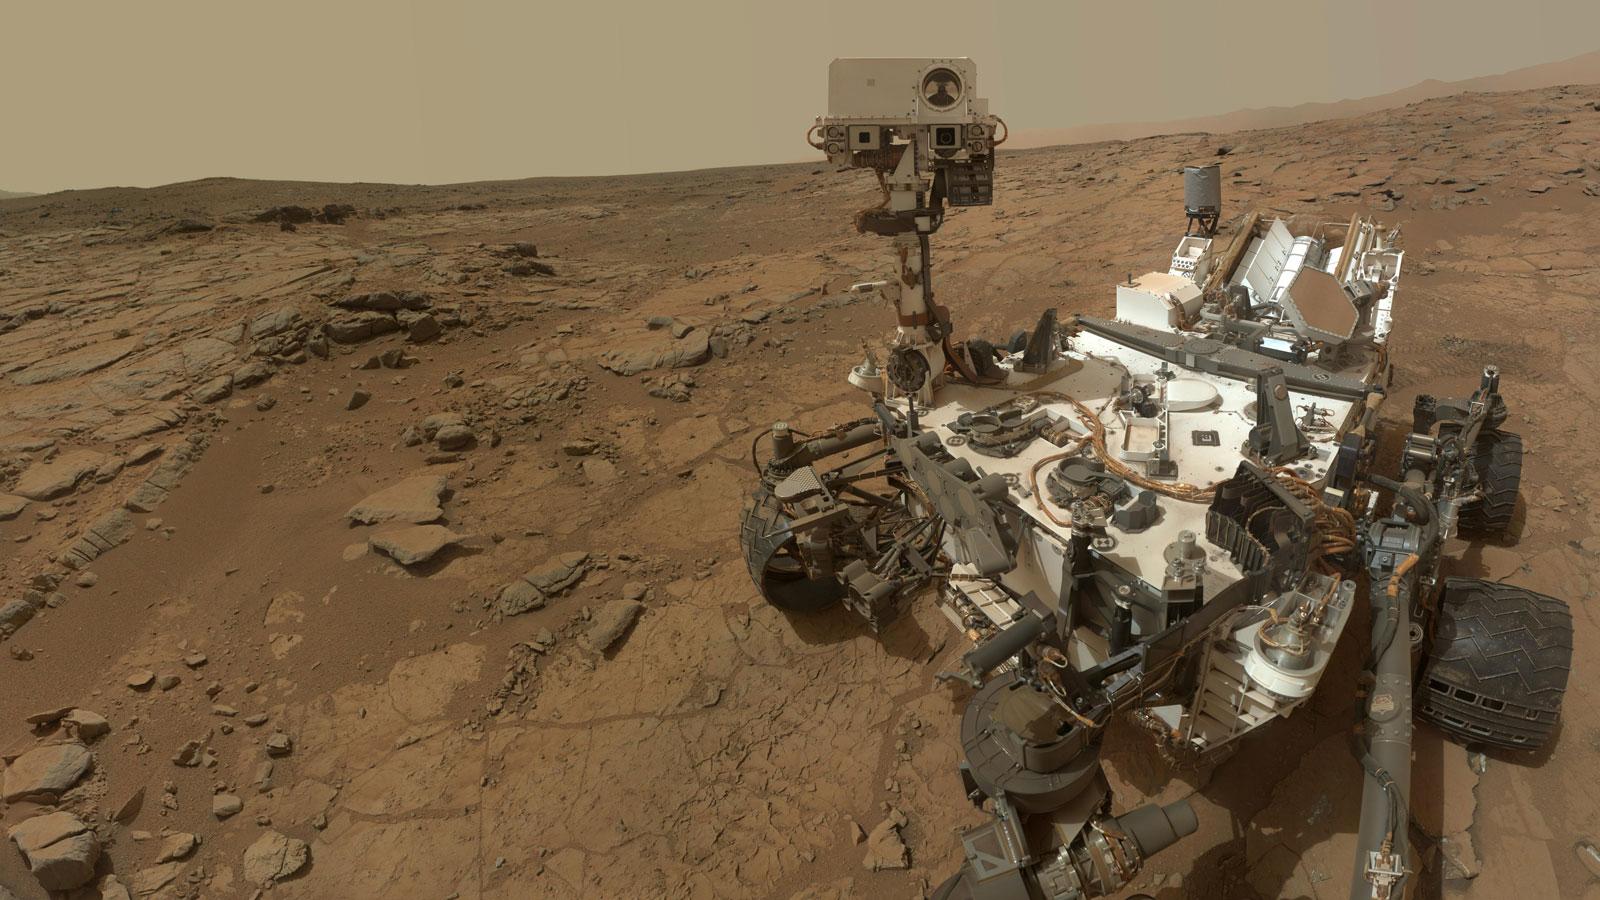 Selten, aber auch Teil der astronomischen Methoden: Marserkundung mit dem Rover